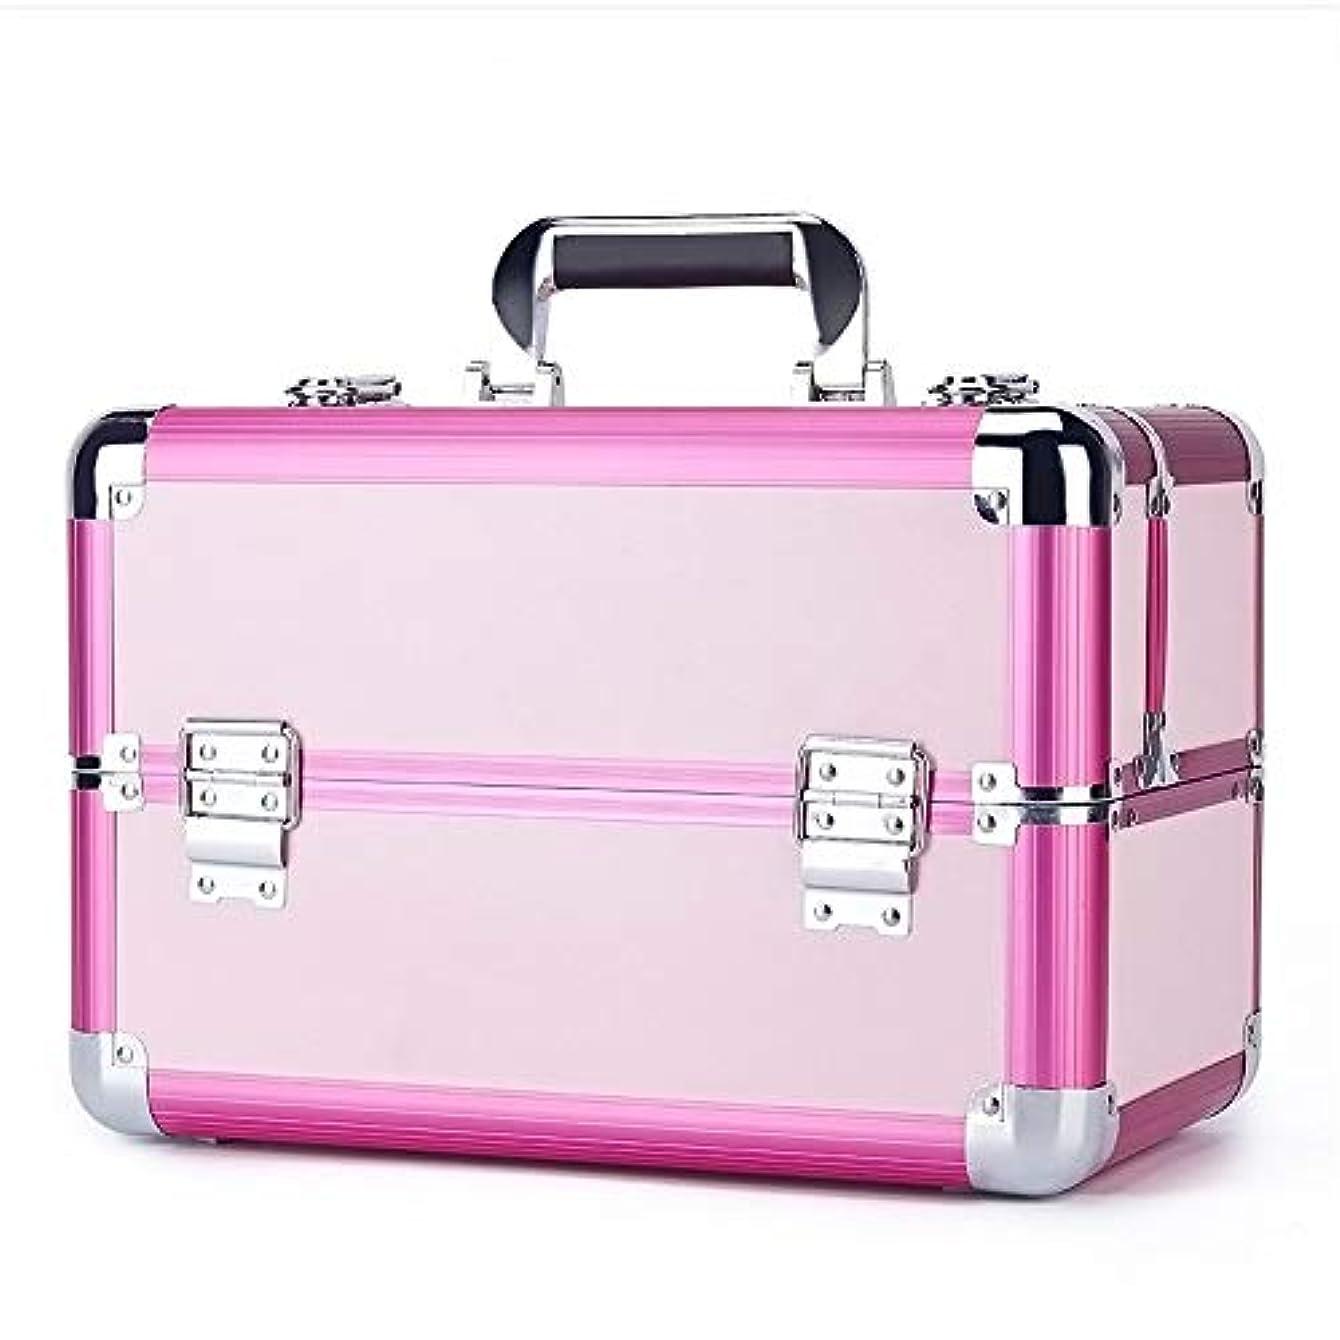 バウンド礼儀法廷化粧オーガナイザーバッグ 旅行メイクアップバッグパターンメイクアップアーティストケーストレインボックス化粧品オーガナイザー収納用十代の女の子女性アーティスト 化粧品ケース (色 : ピンク)